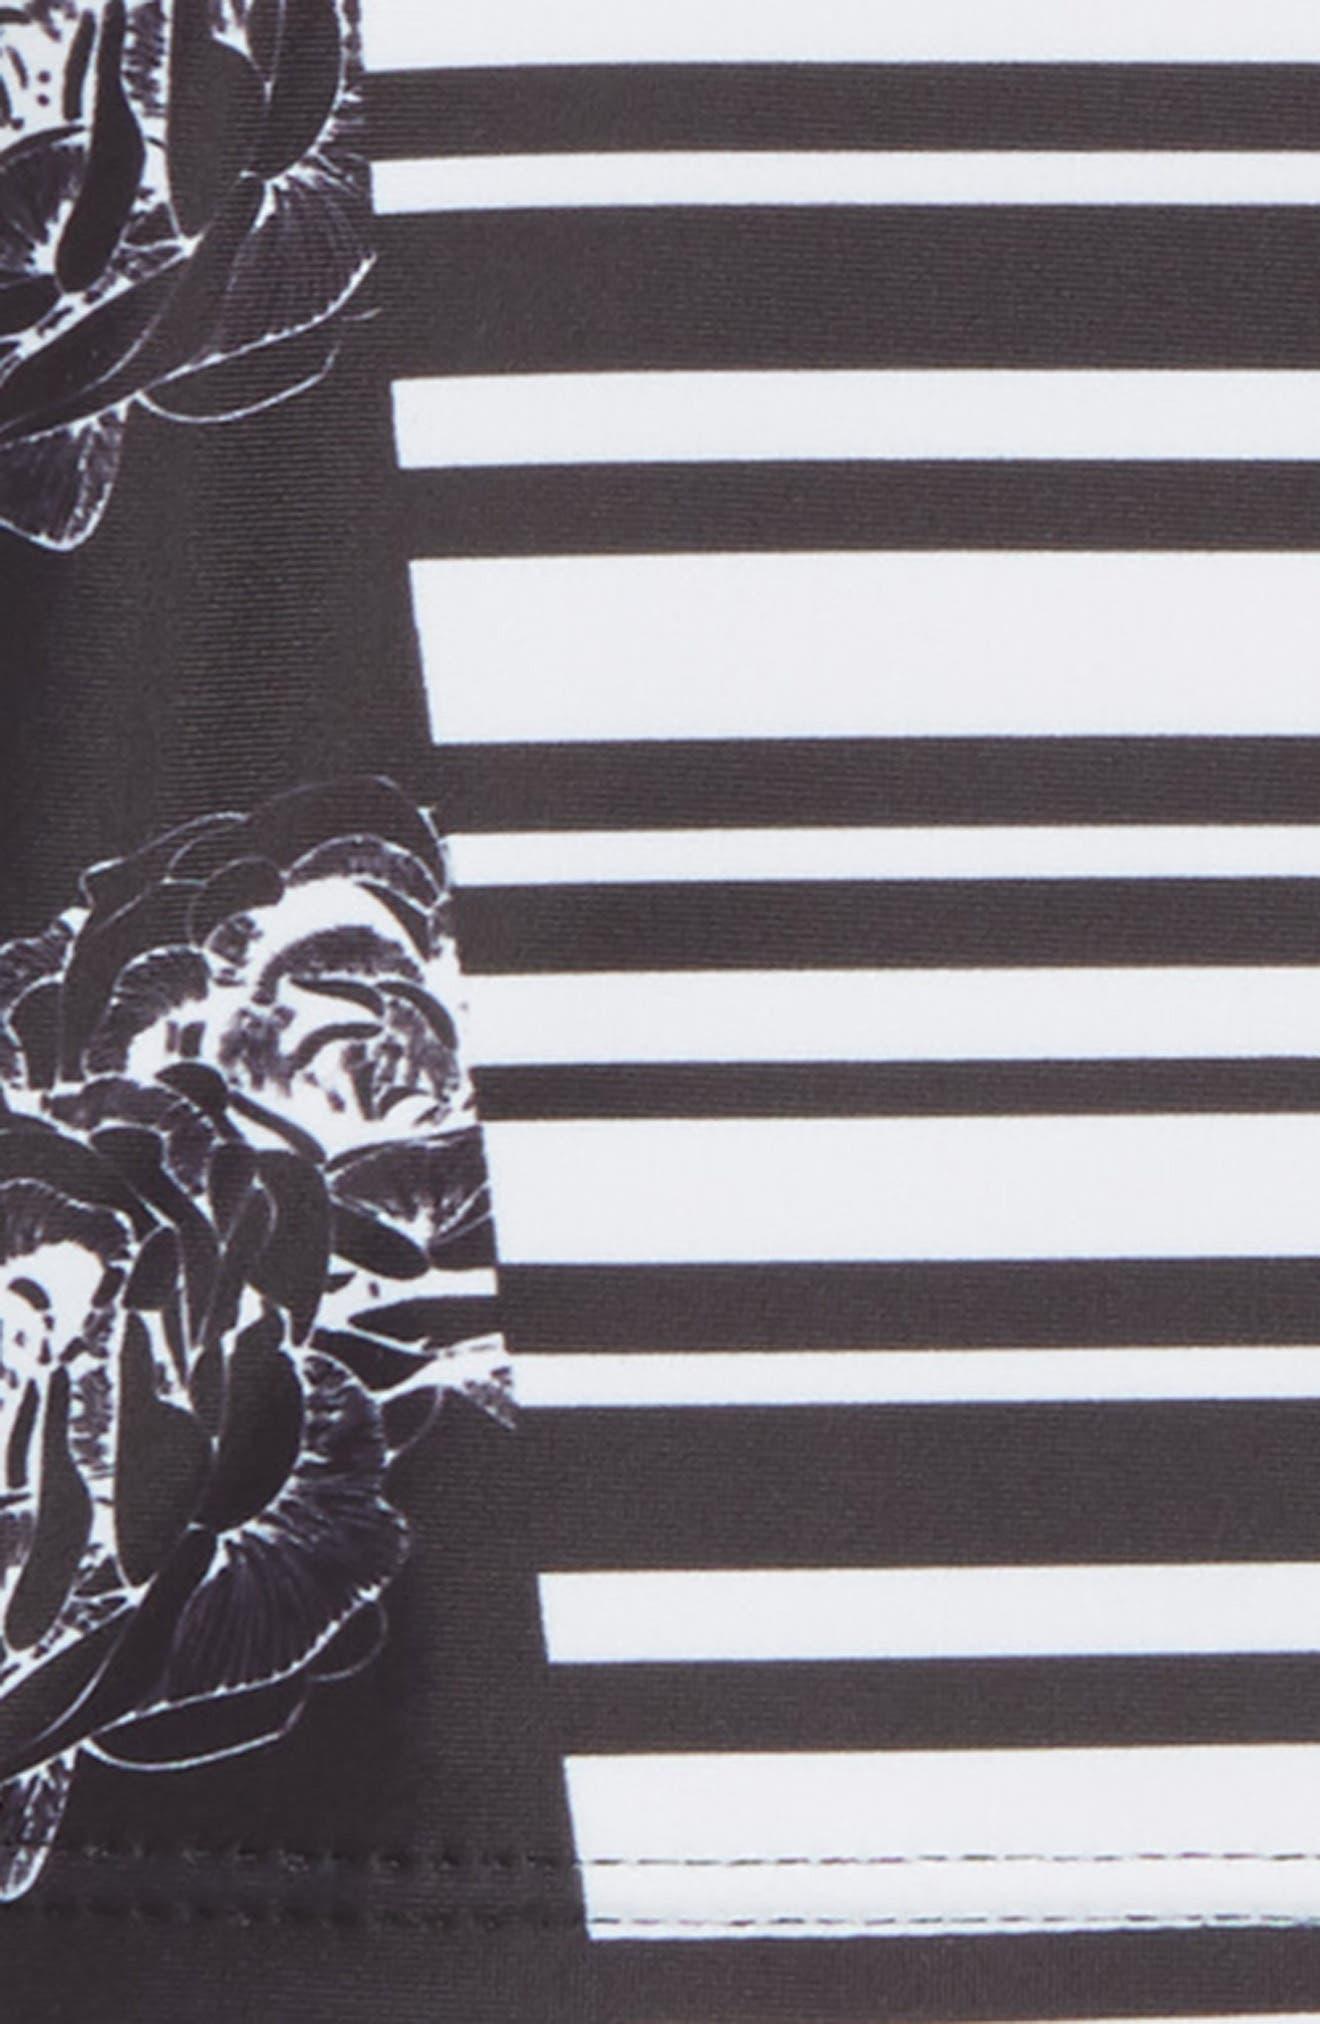 Two-Piece Rashguard Swimsuit,                             Alternate thumbnail 2, color,                             Black